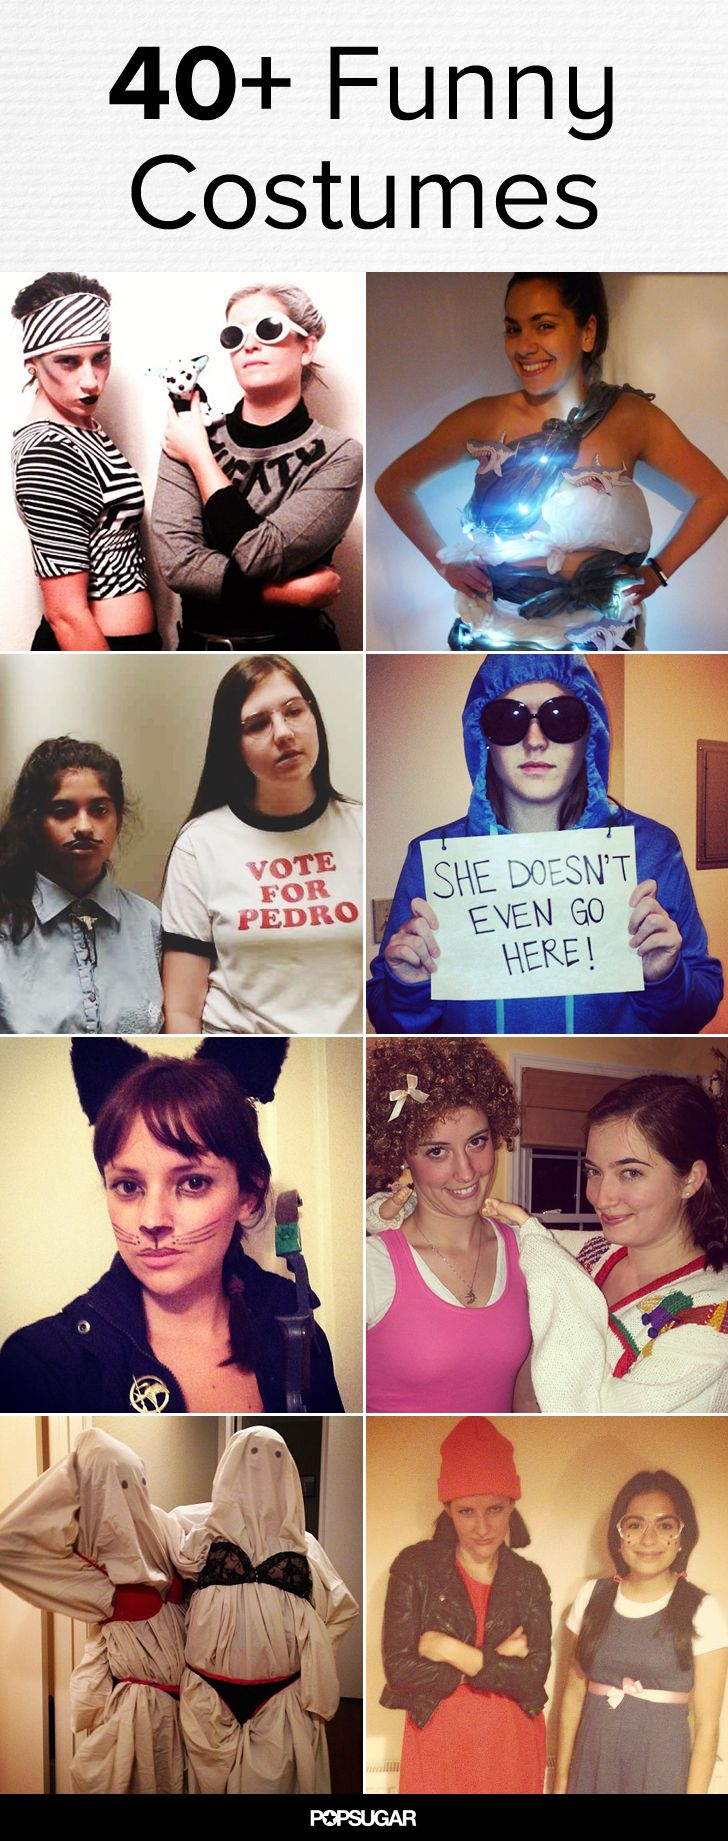 IDEIAS DIFERENTES E FANTASIAS ENGRAÇADAS PARA O CARNAVAL 44 Fabulously Funny Halloween Costumes For Women